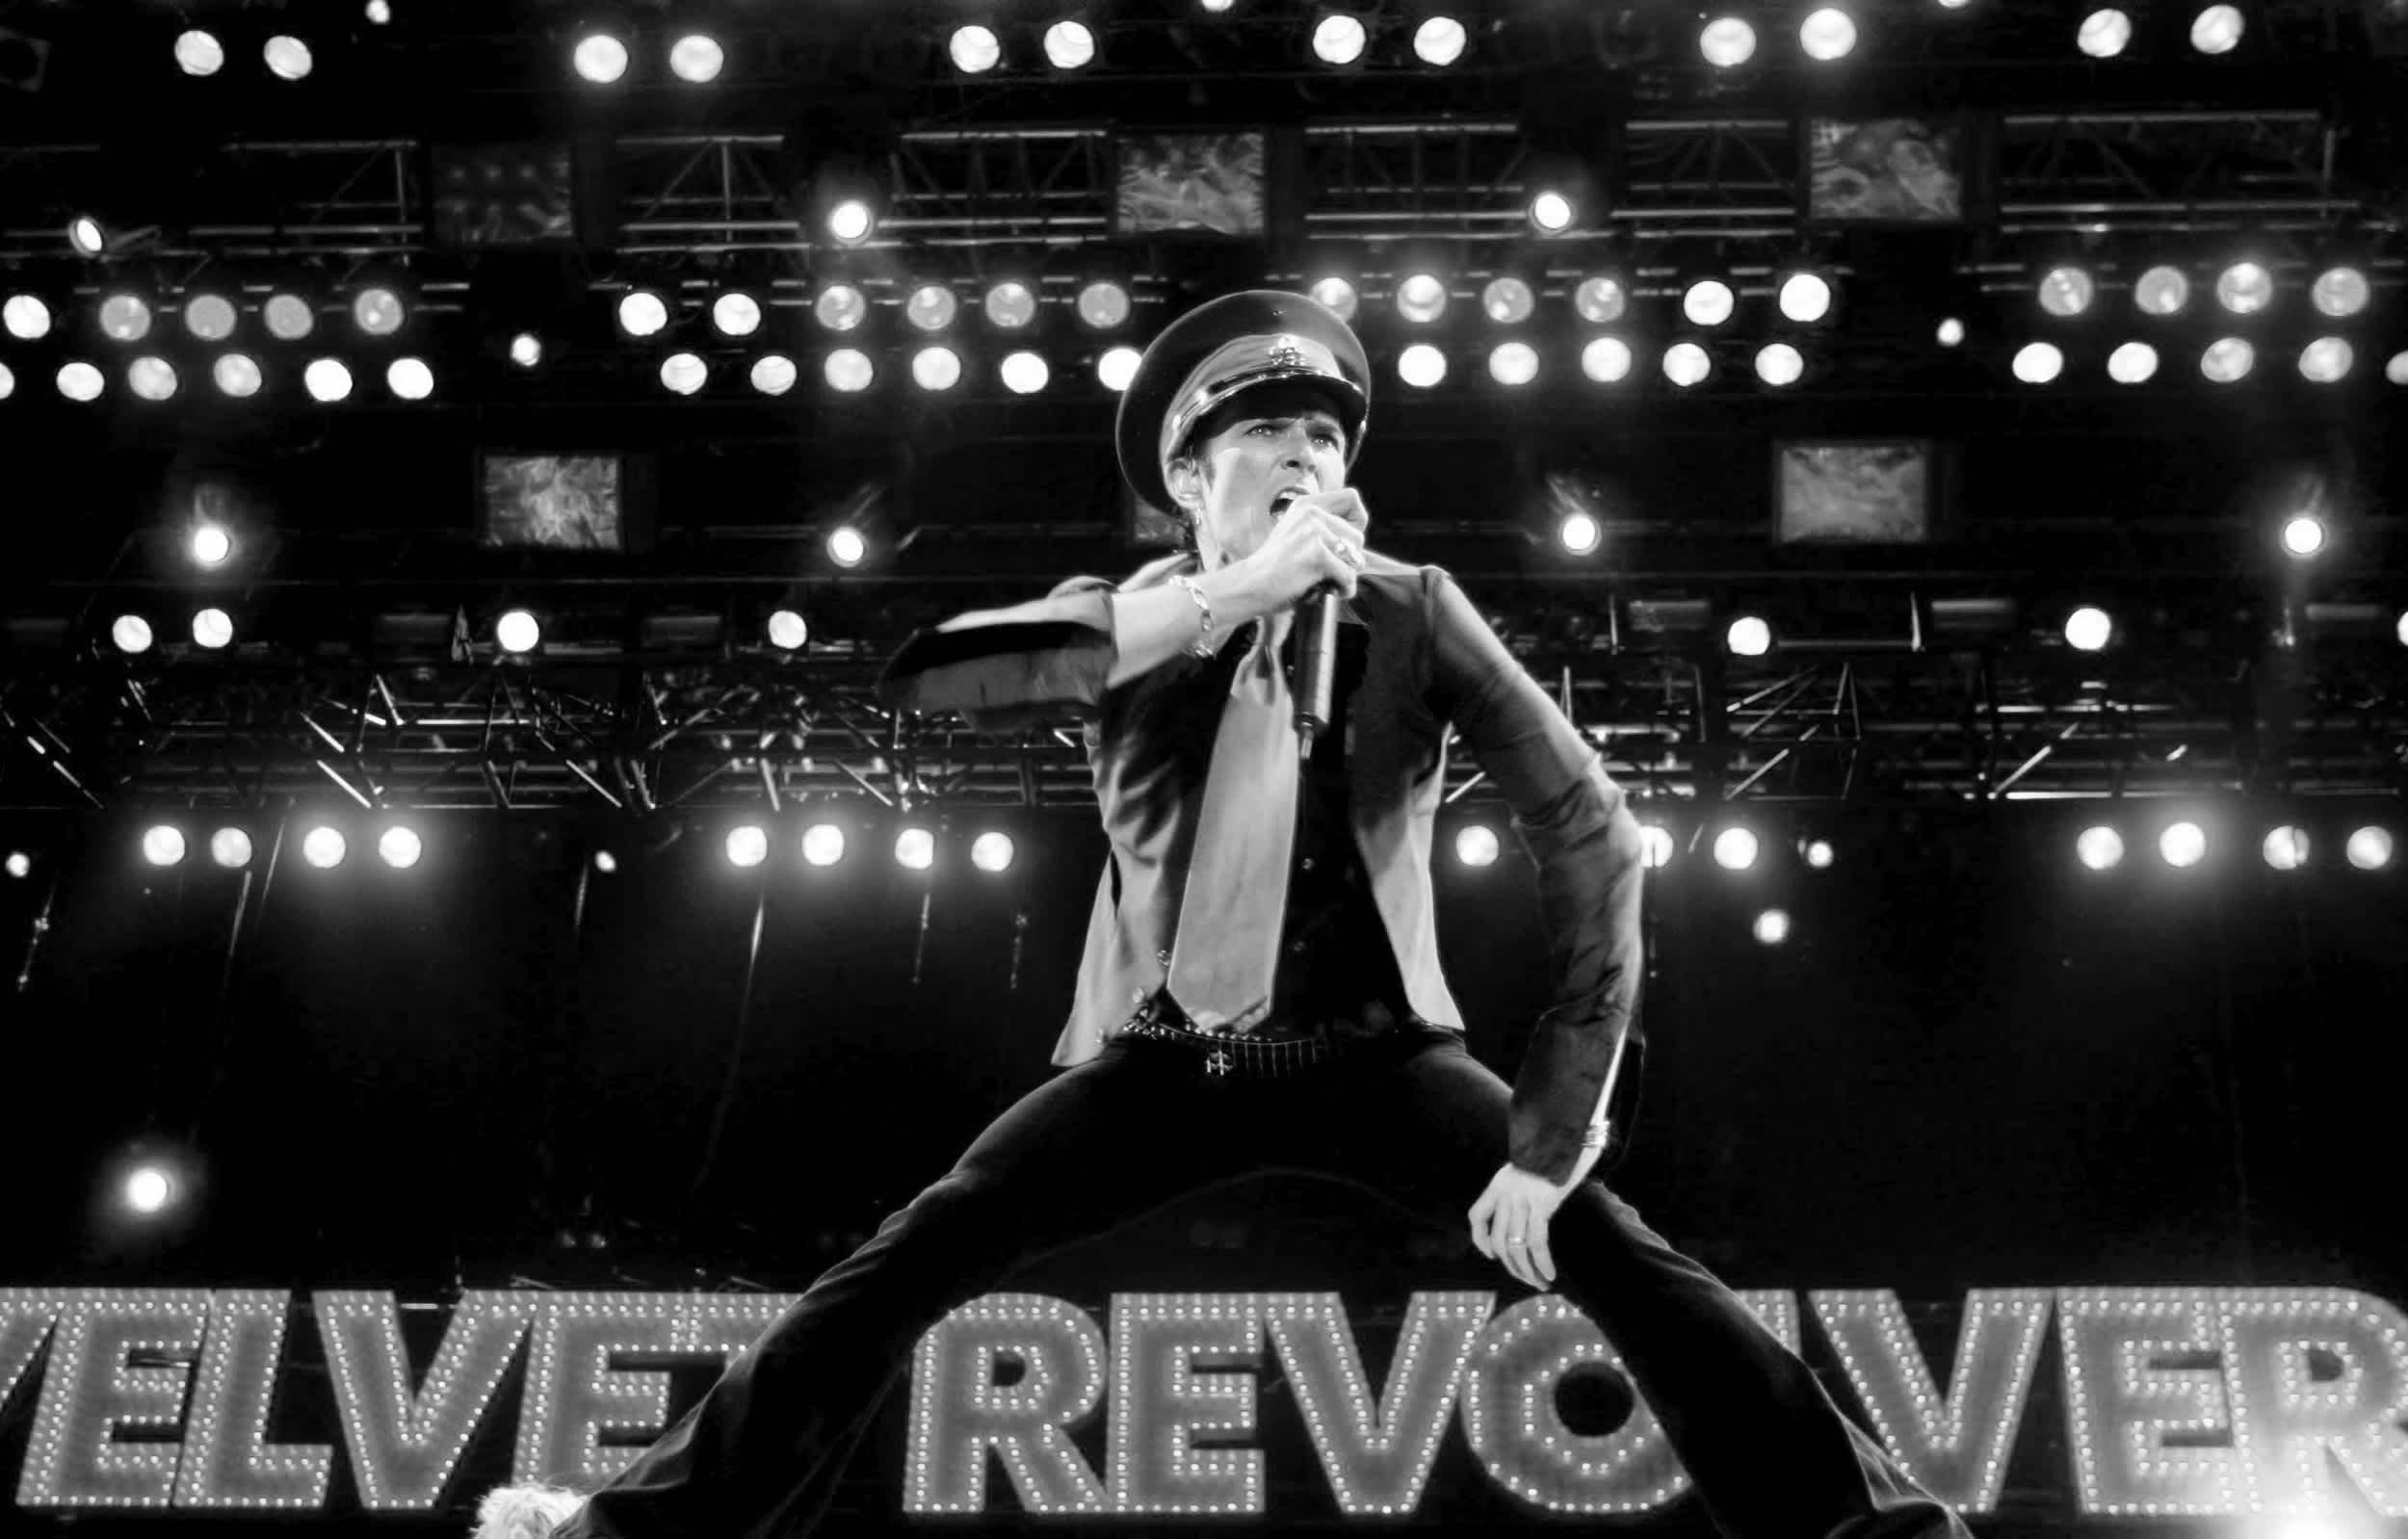 Scott Weiland esiintymässä yhtyeessä Velvet Revolver Saksassa vuonna 2005.